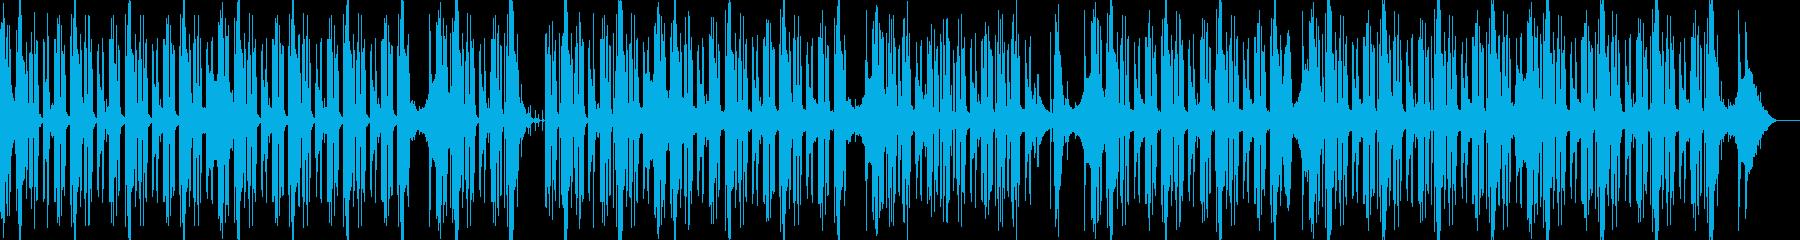 切ないピアノダークエレクトロヒップホップの再生済みの波形